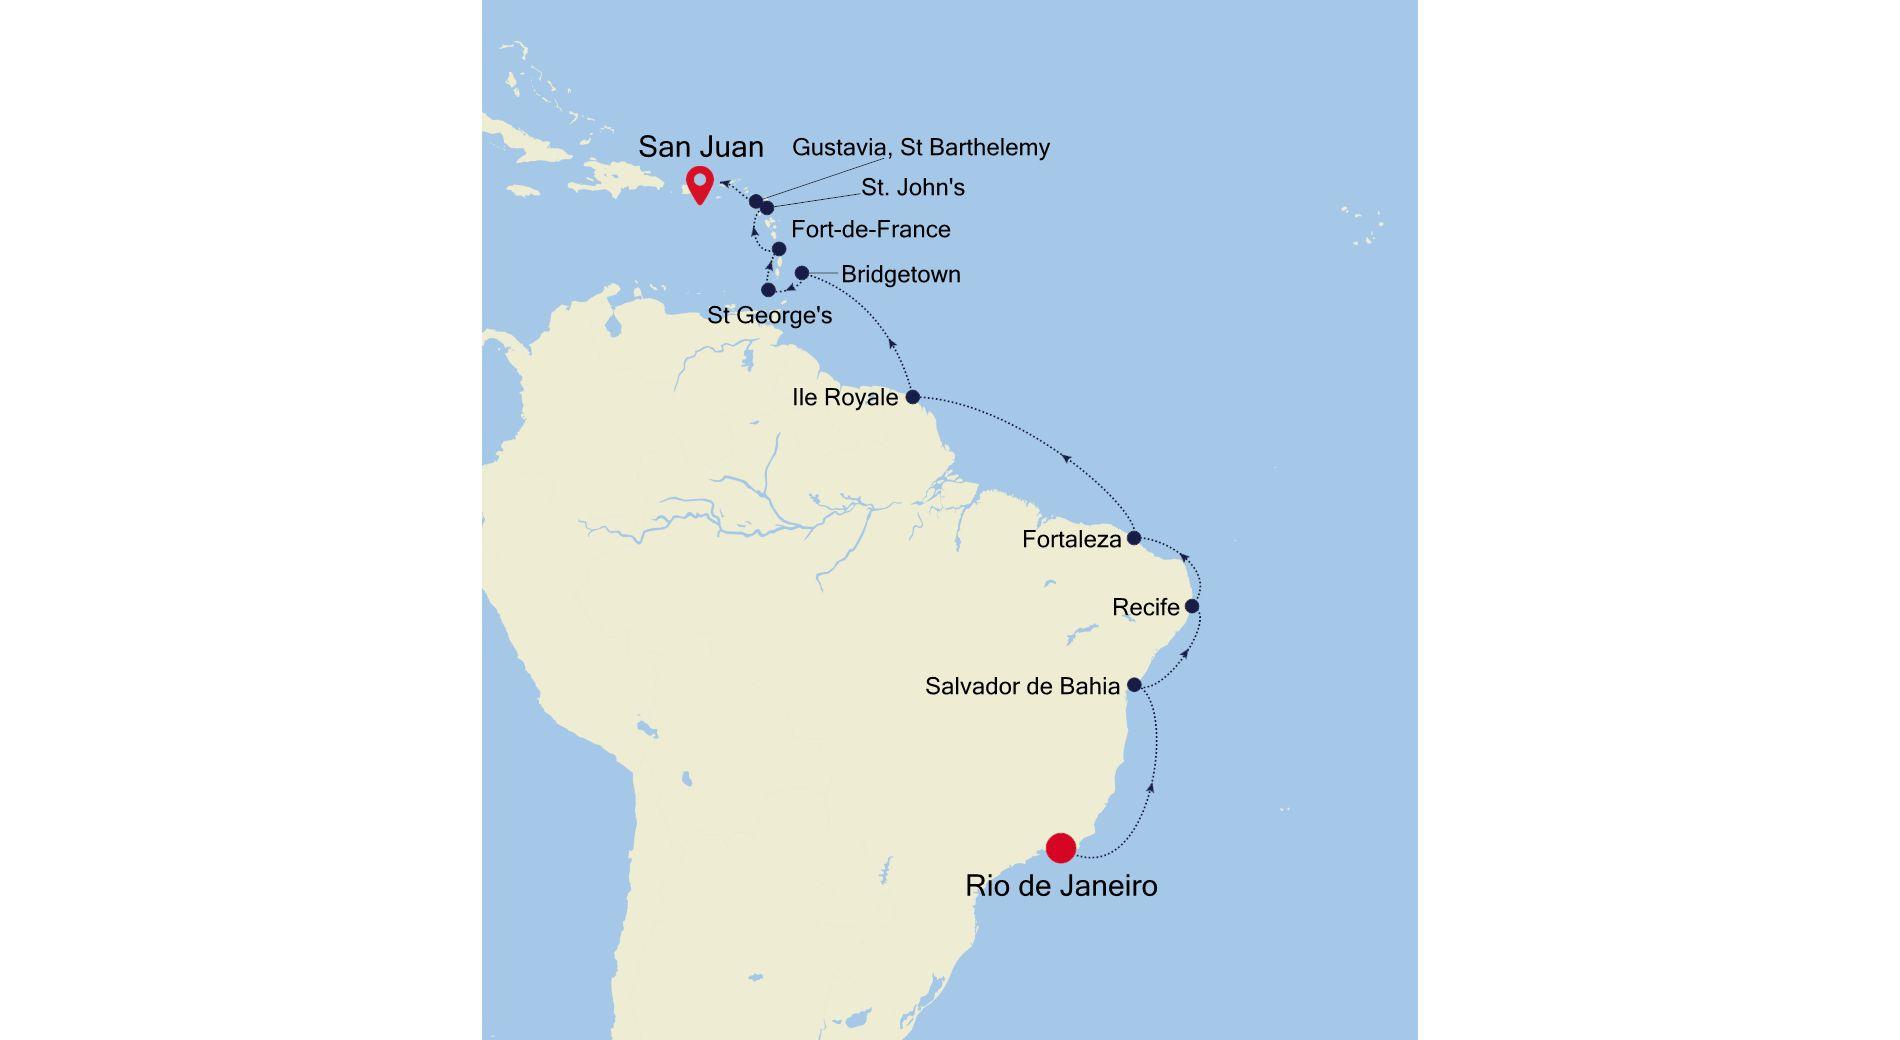 3004C - Rio de Janeiro to San Juan